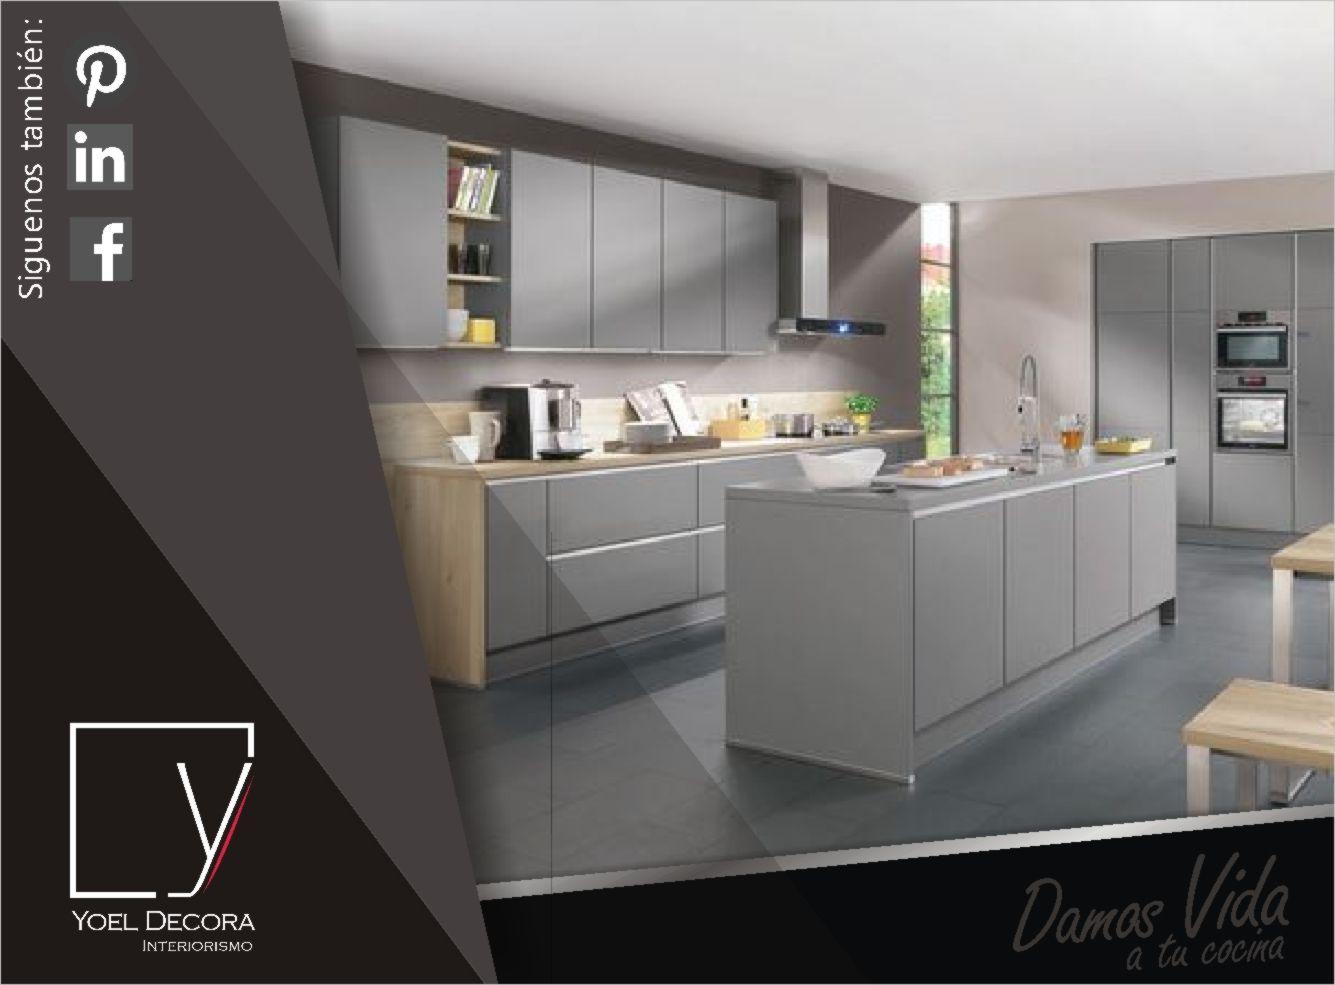 Al planificar una cocina nueva o dise ar una reforma se - Planificar una cocina ...